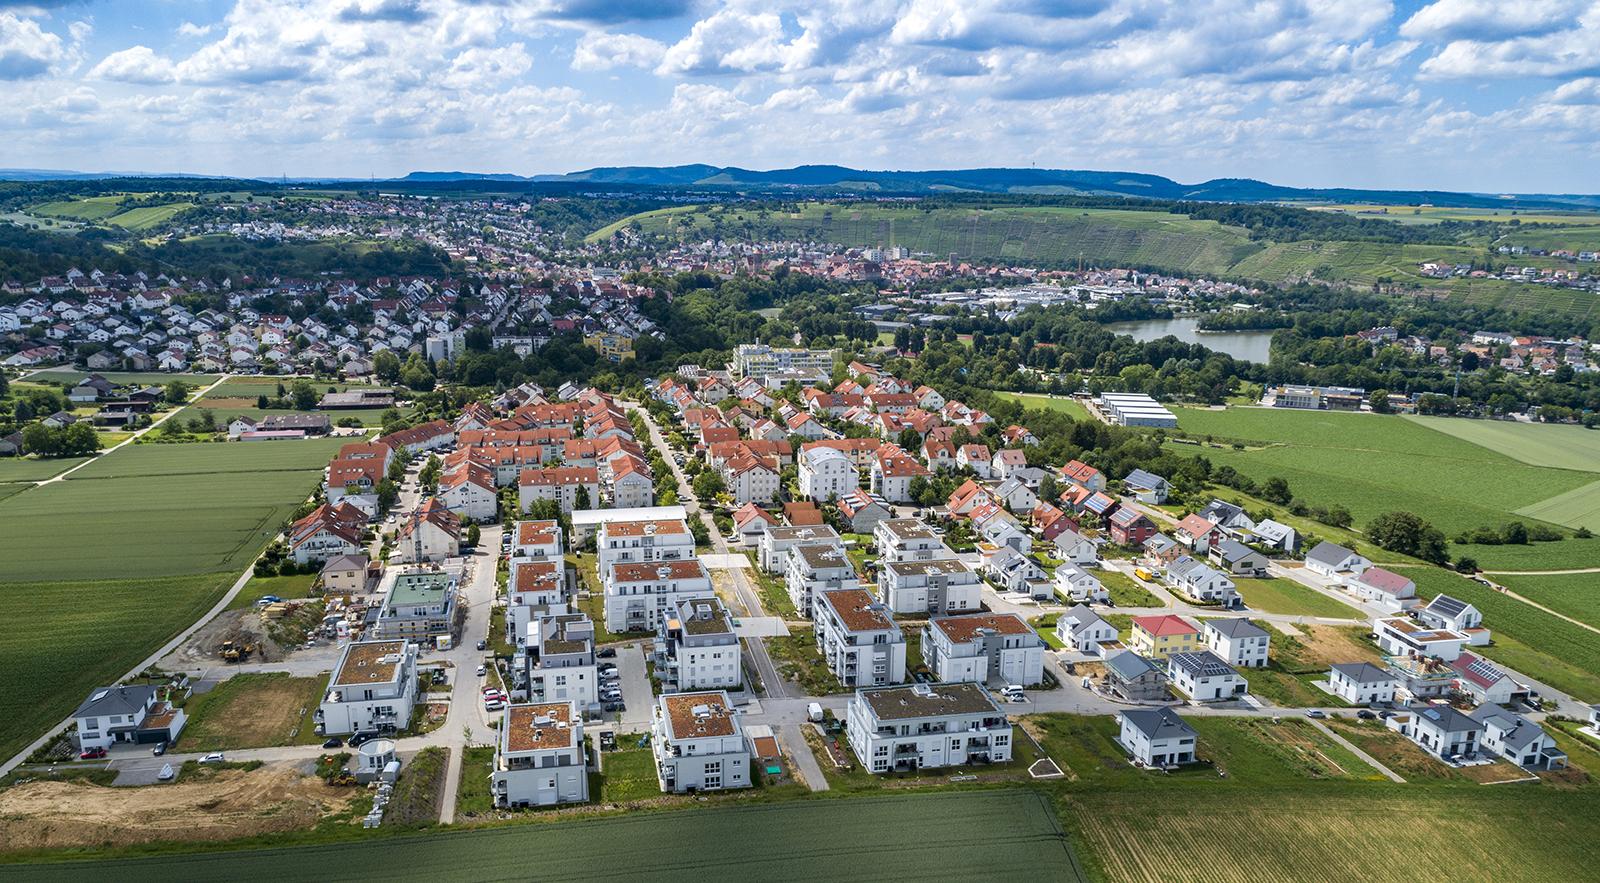 Besigheim, Wohngebiet Bülzen